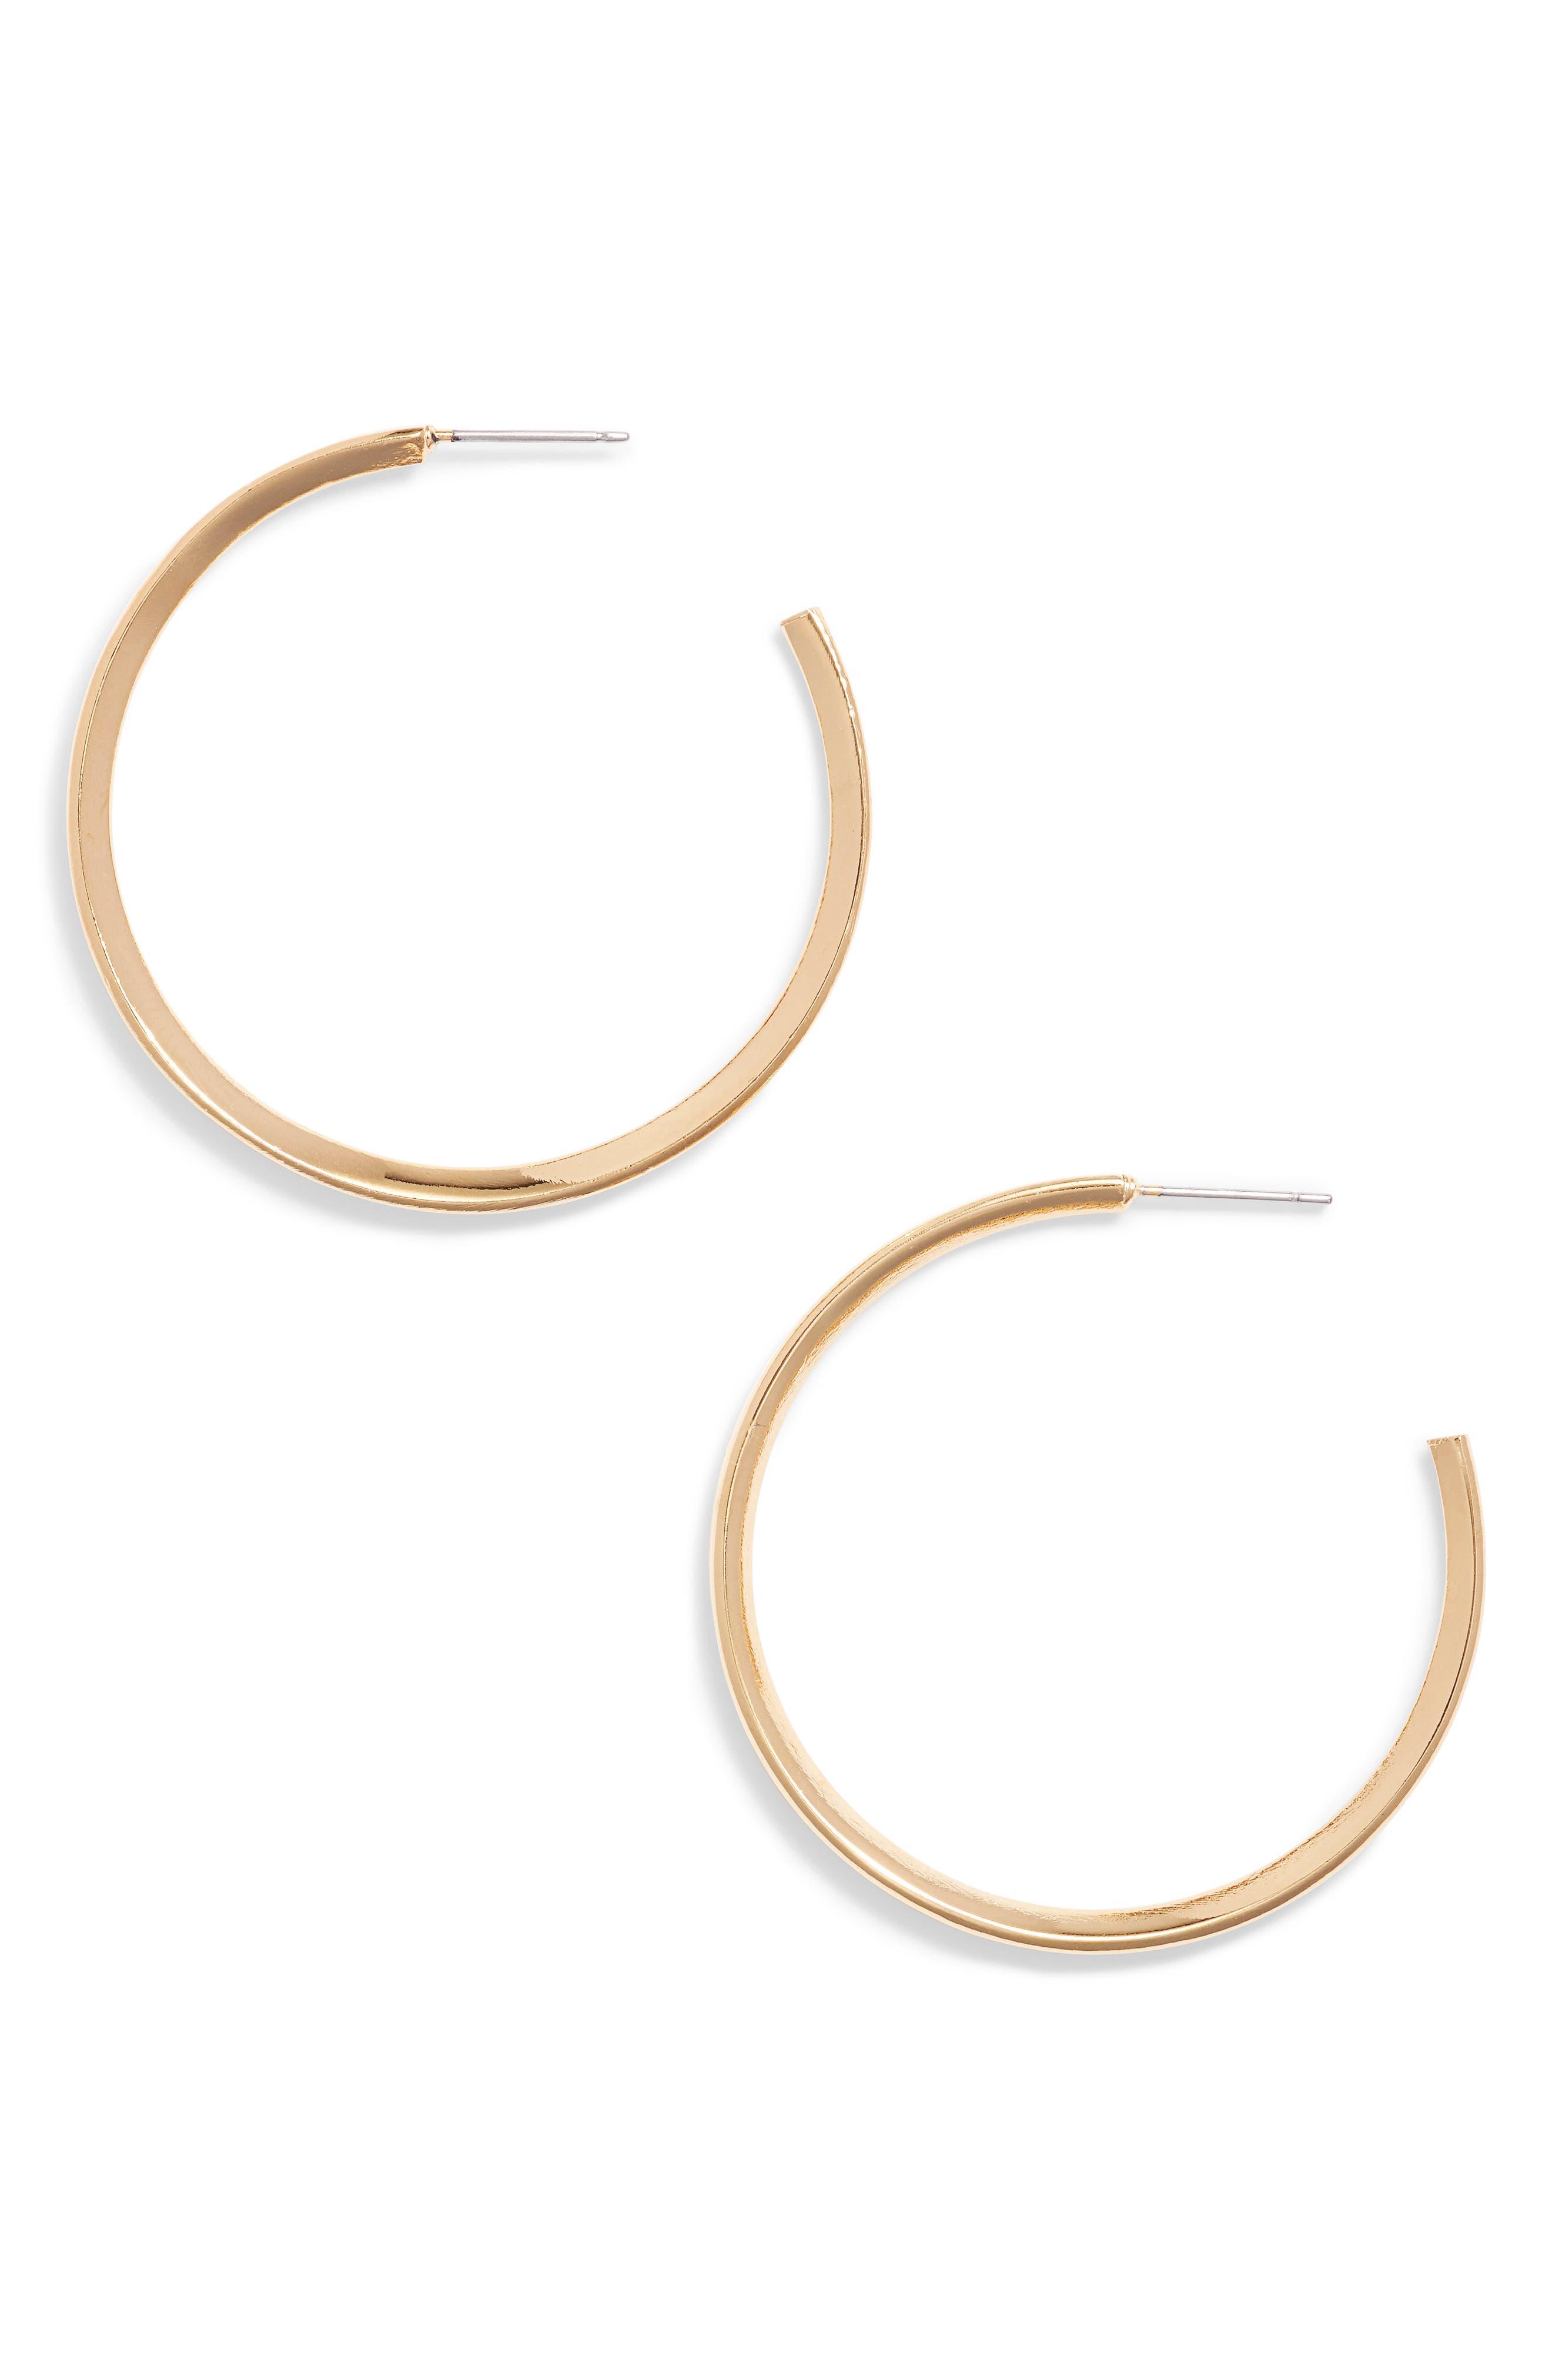 Diamond Shaped Hoop Earrings,                             Main thumbnail 1, color,                             Gold